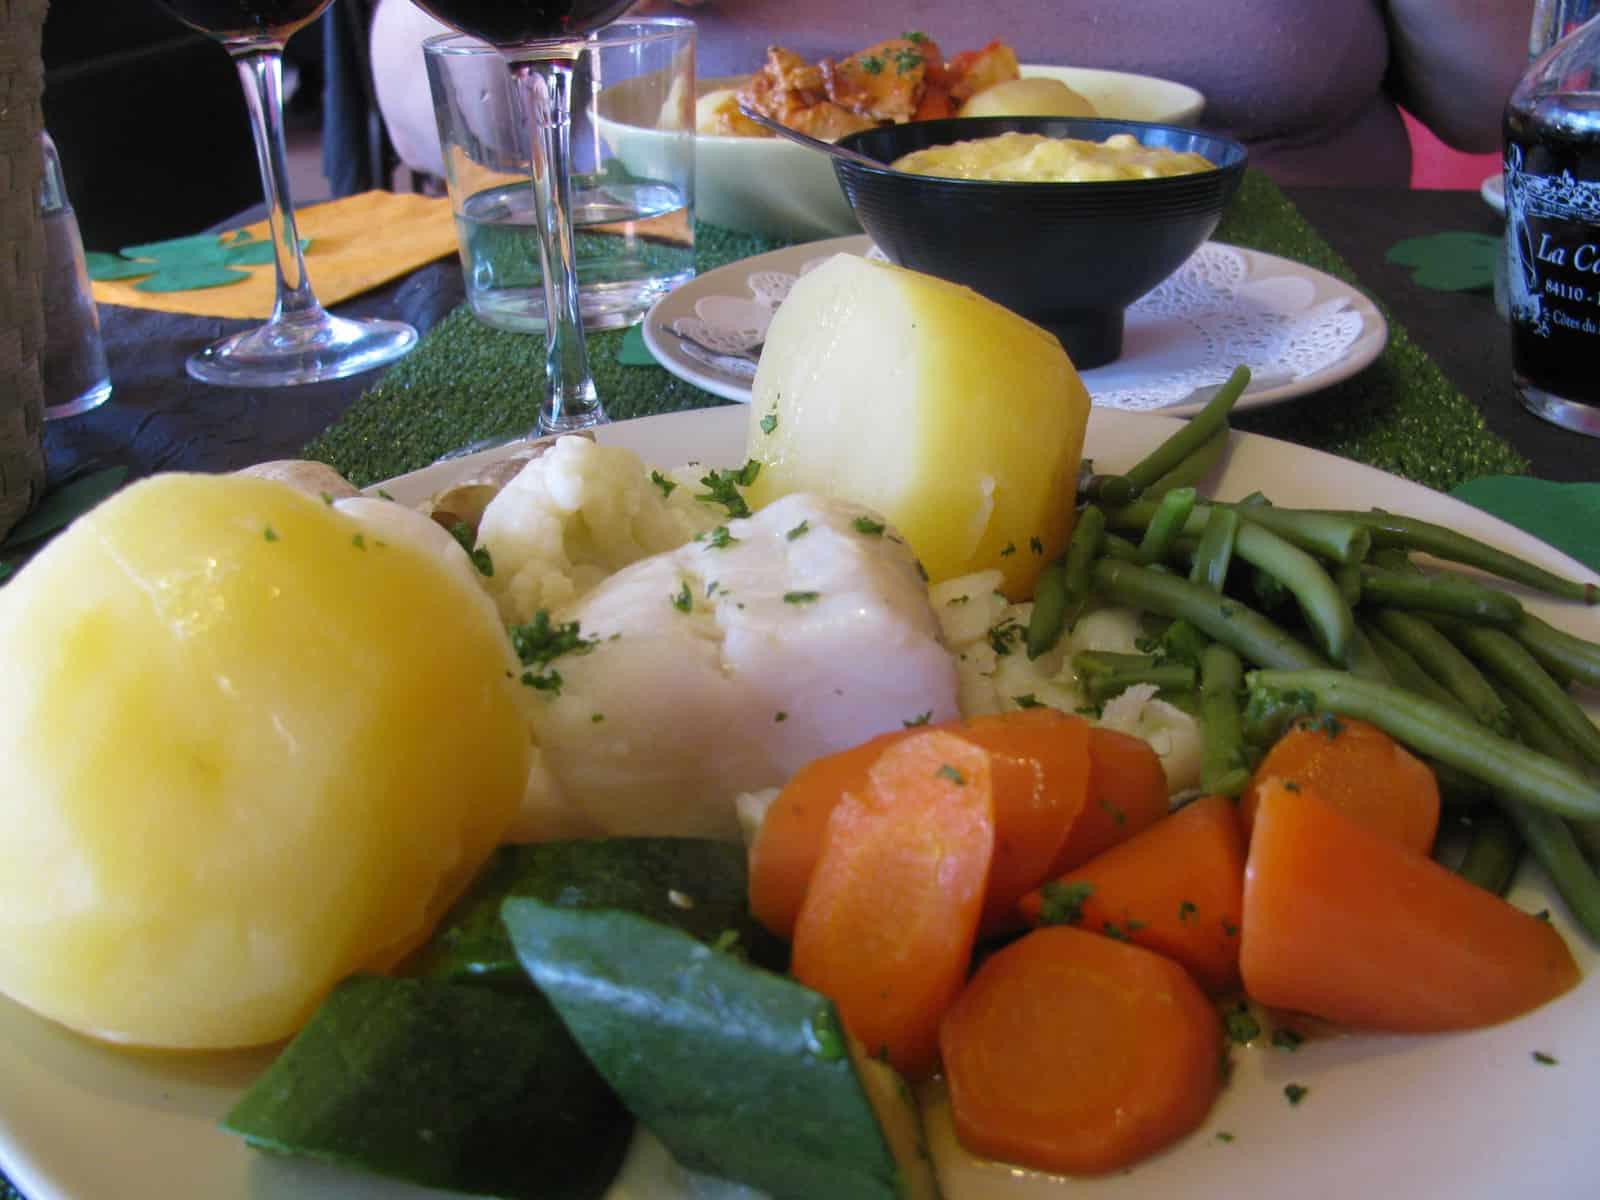 spécialités, Connaissez-vous toutes les spécialités marseillaises et provençales ?